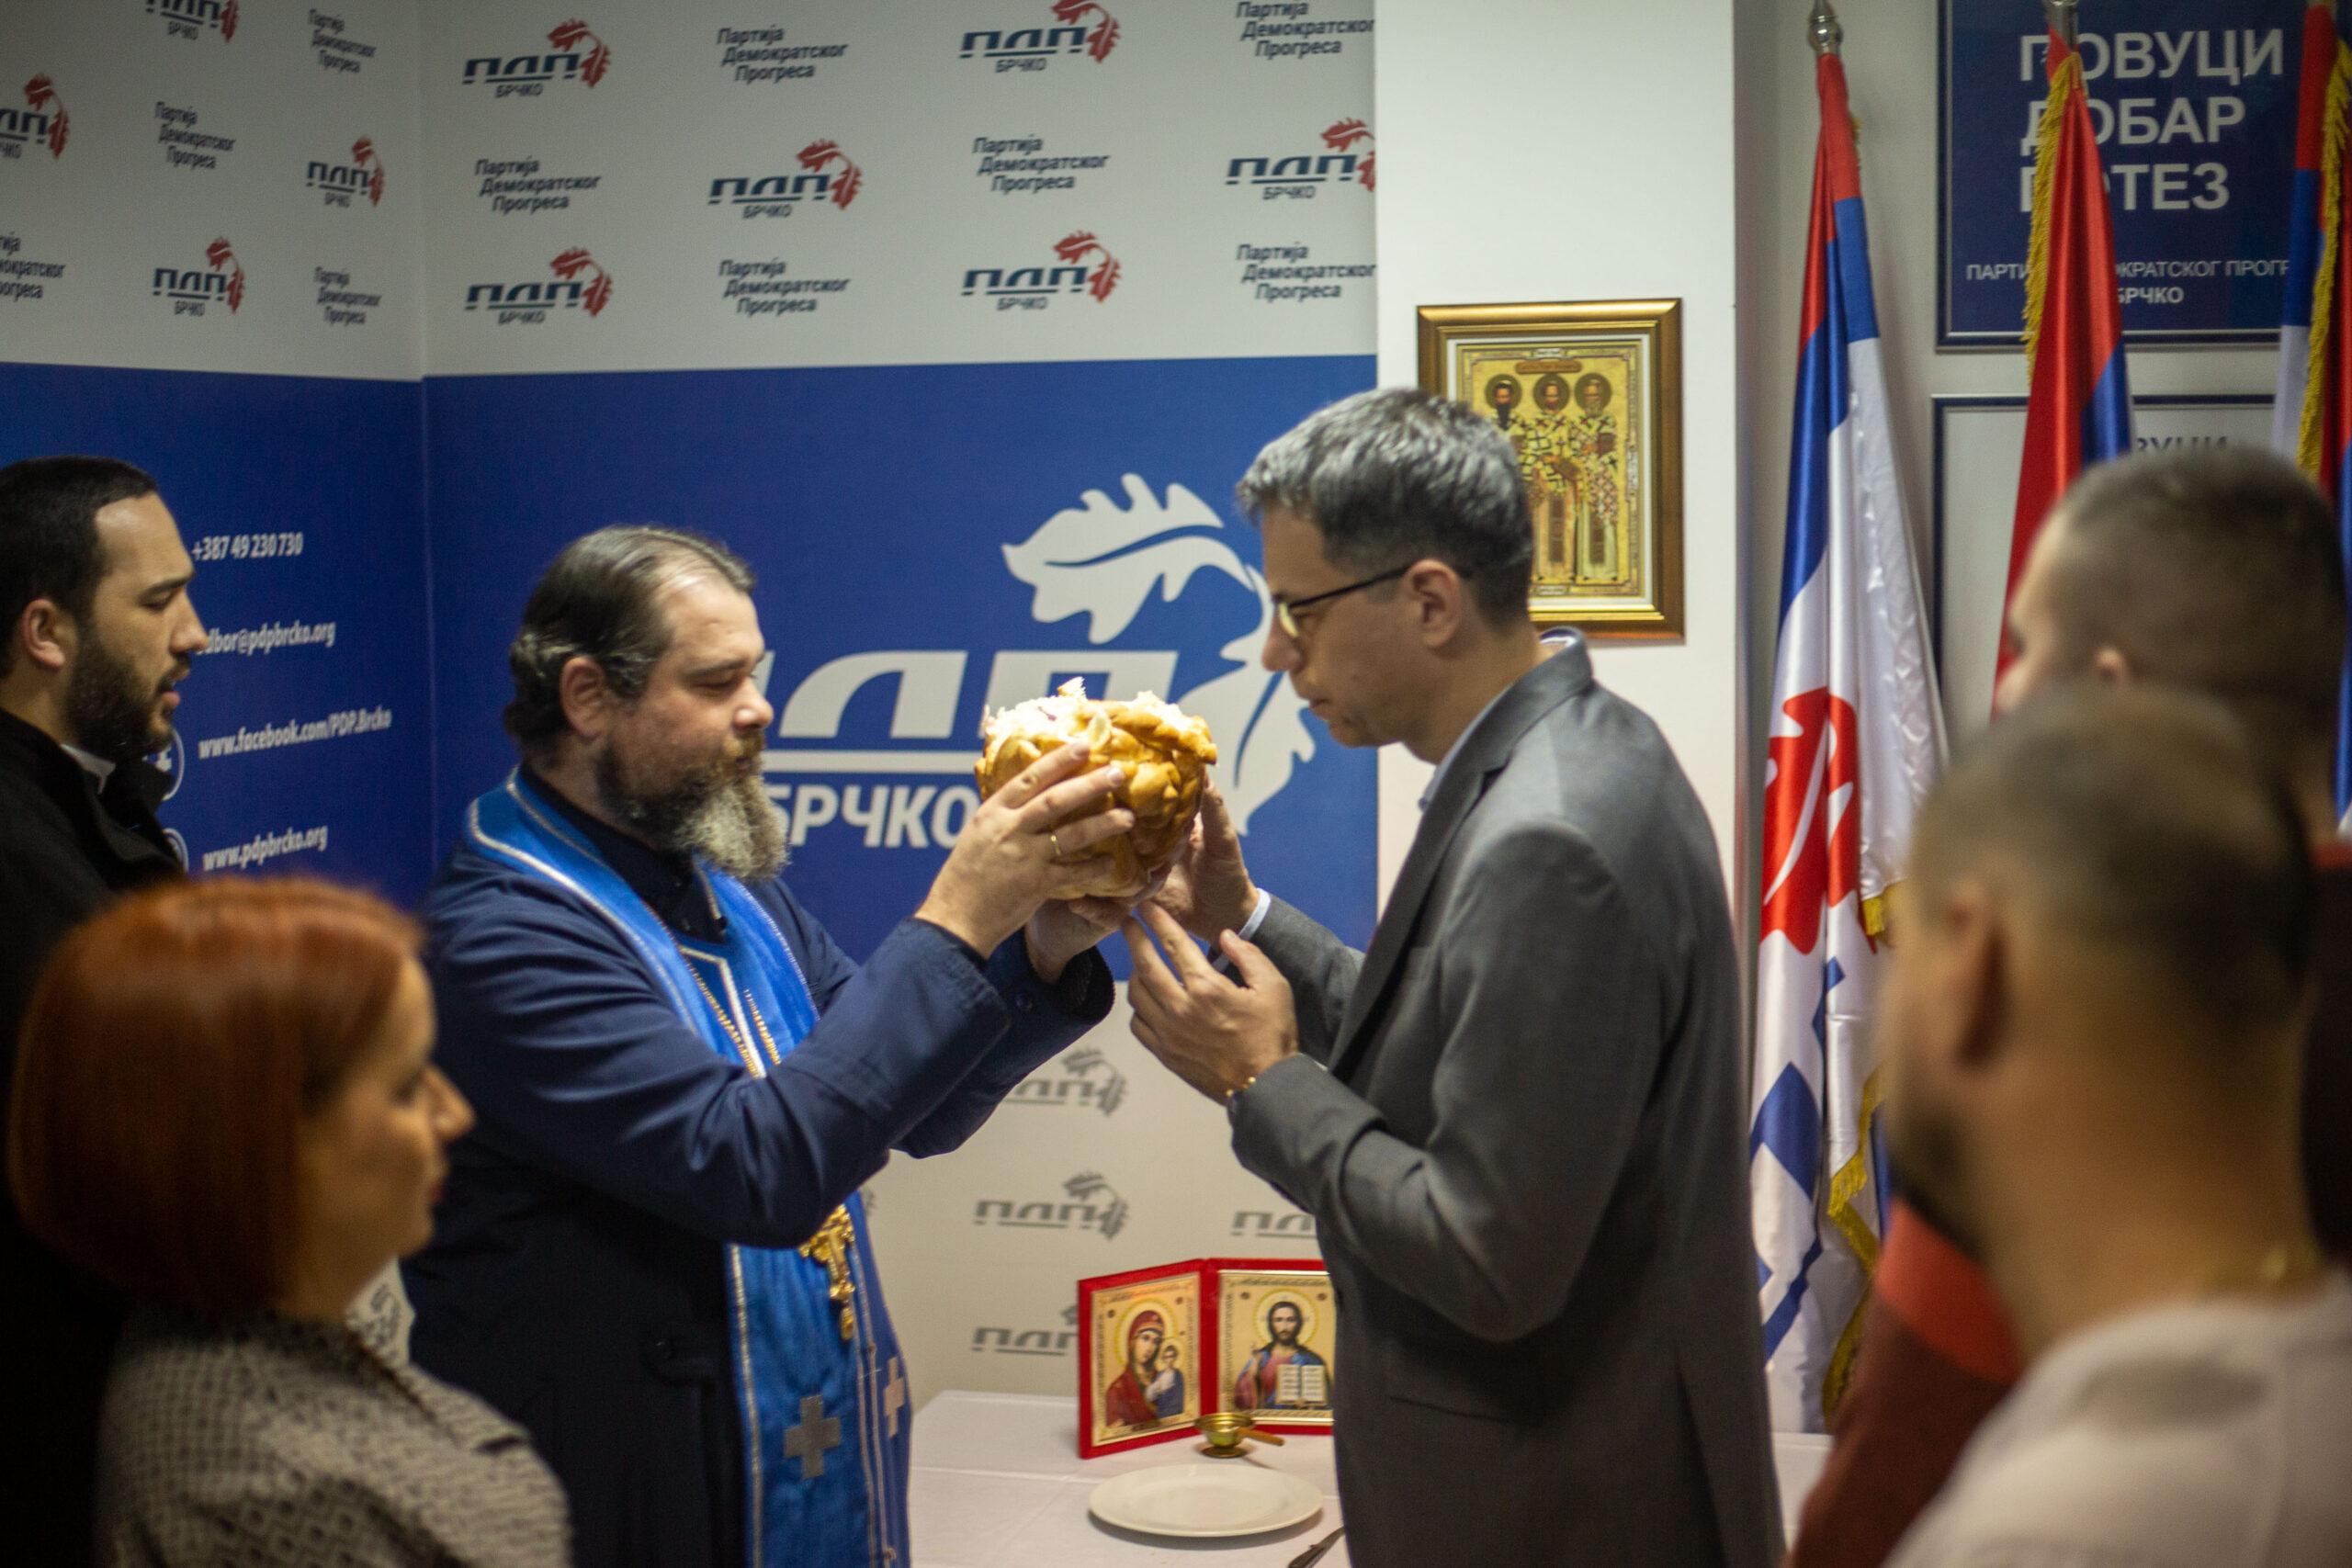 Партија демократског прогреса Брчко обиљежила крсну славу Света Три Јерарха